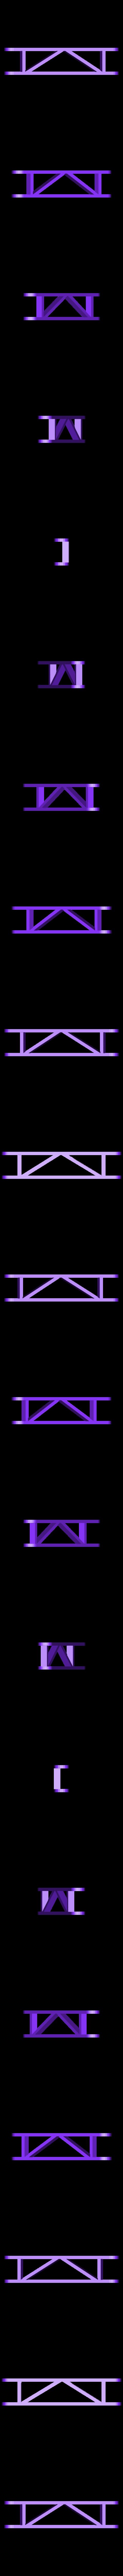 Stab_Bras2.stl Download STL file Shoulder pad for DSLR type GH4, 5D • 3D print design, Smile